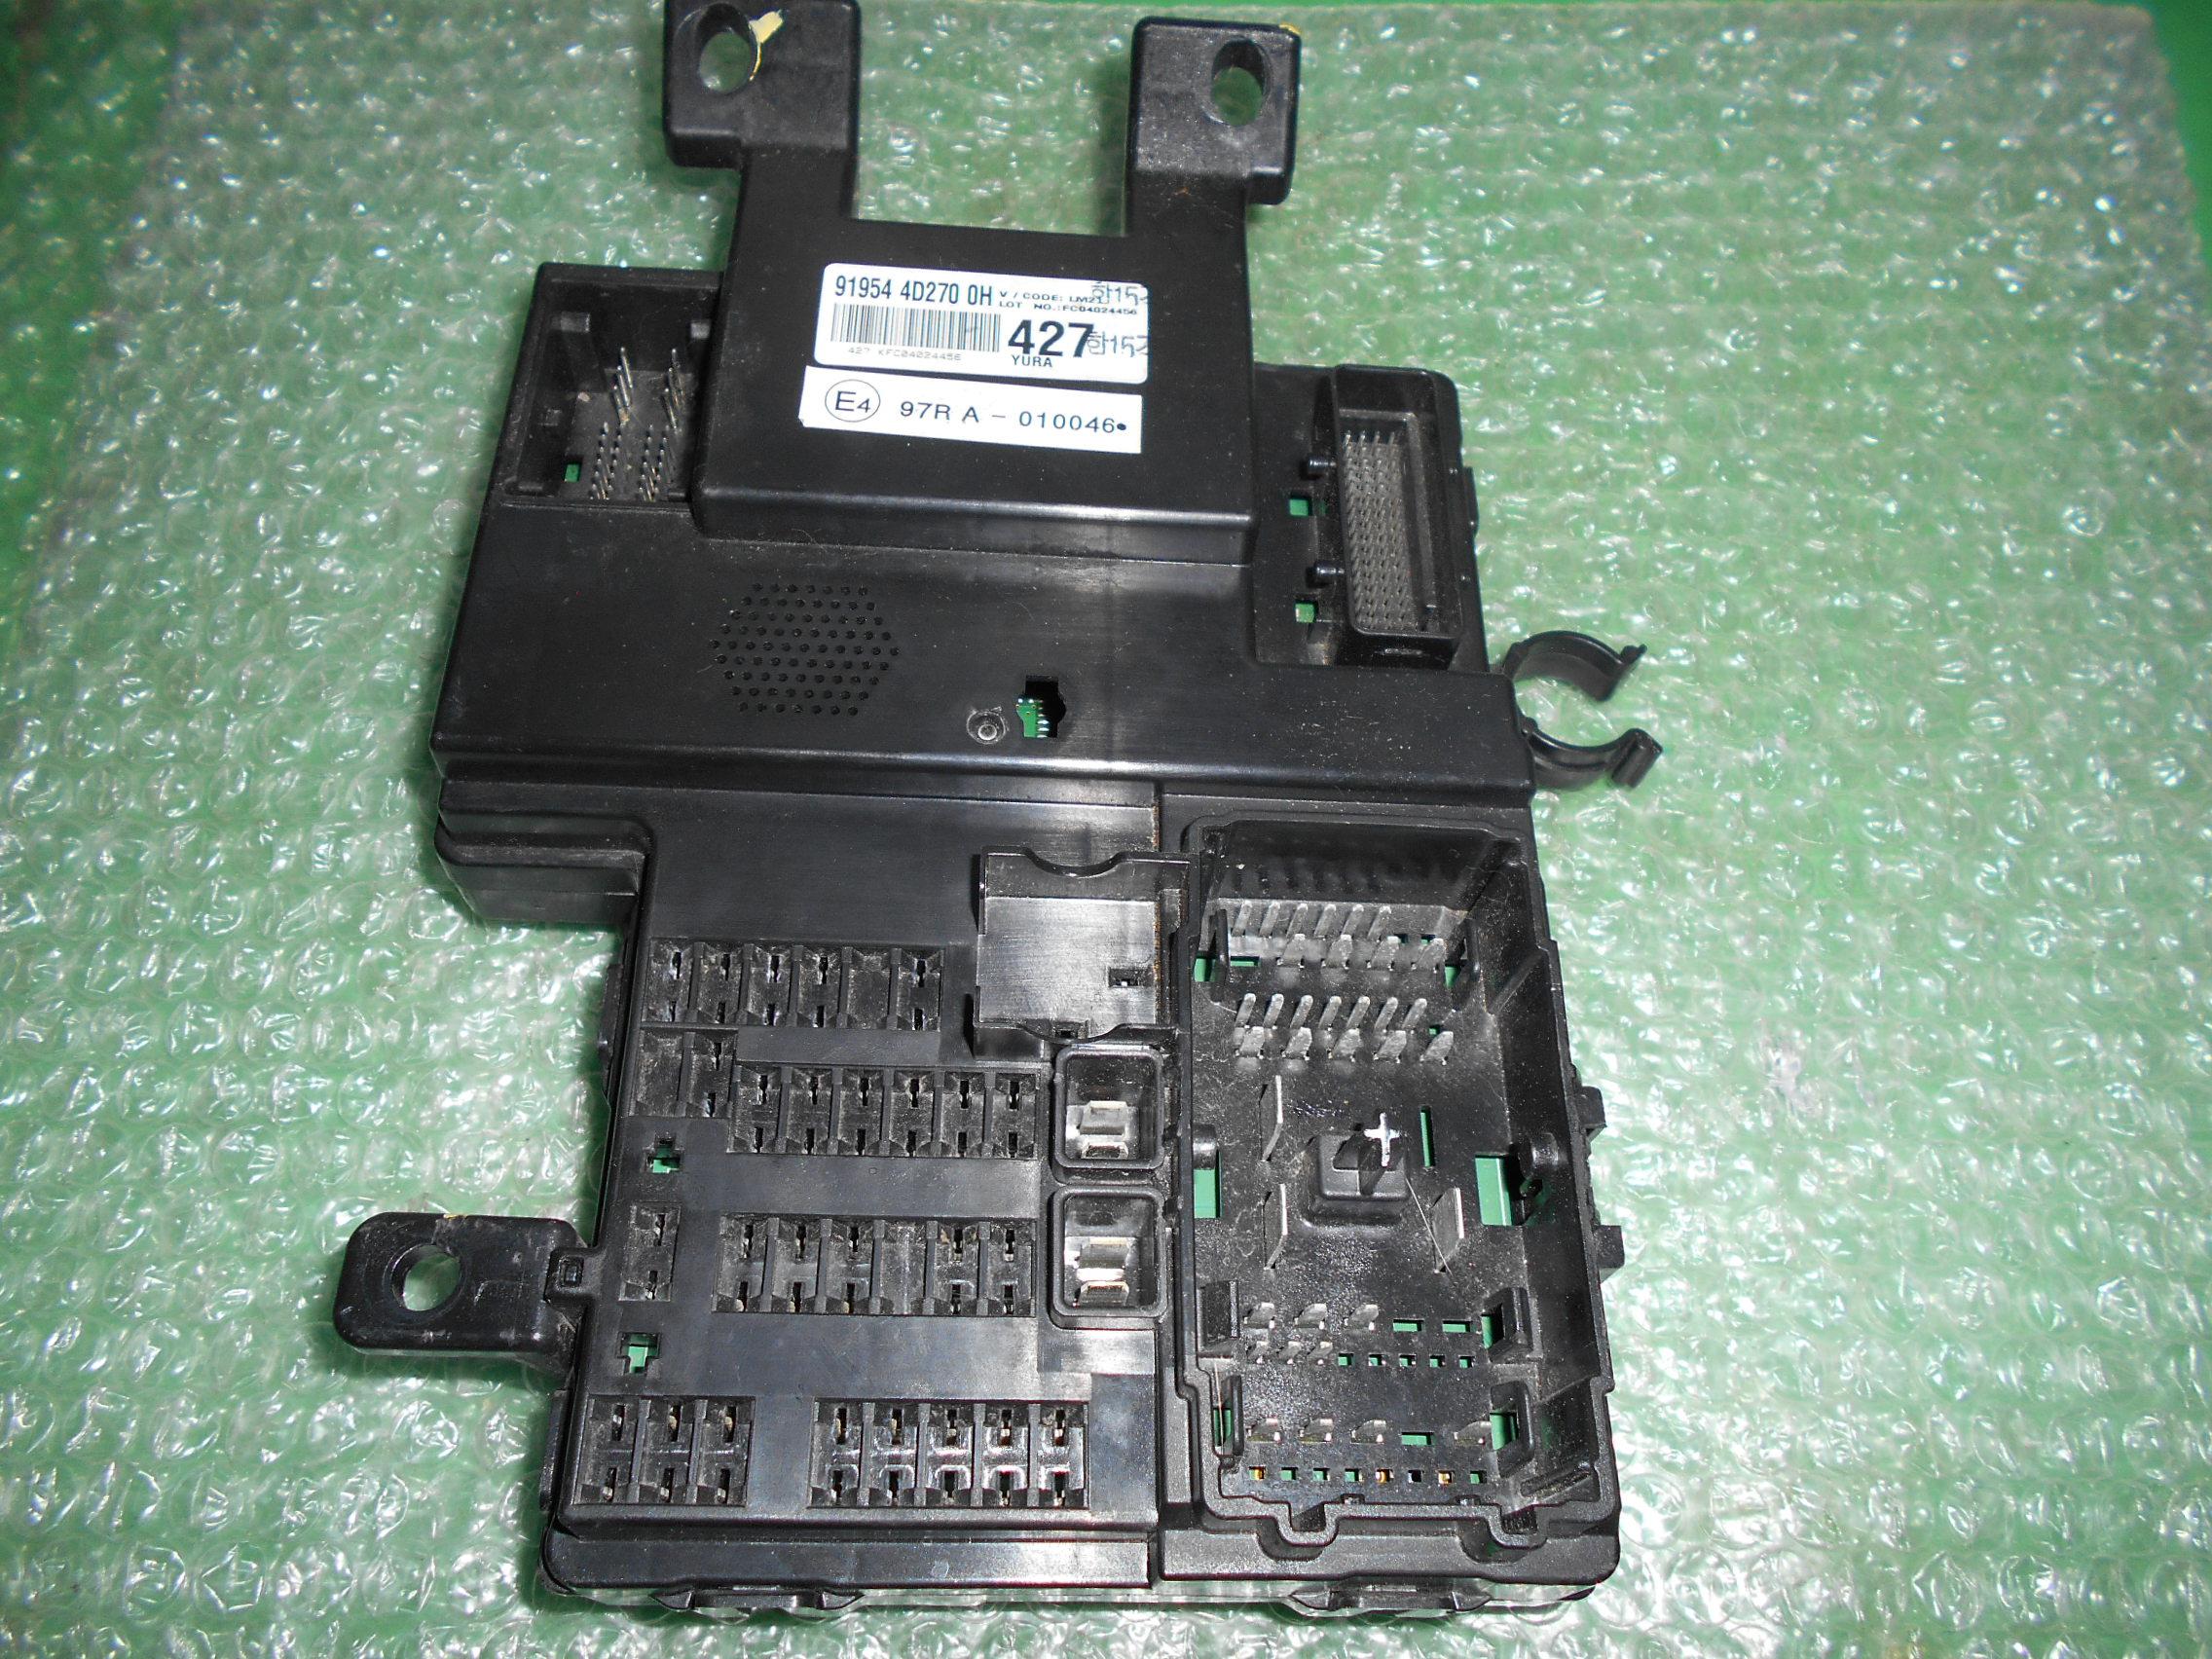 MODULO DE FUSIBLES BSM 91954-4D270-OH KIA CARNIVAL III (2006-2012)